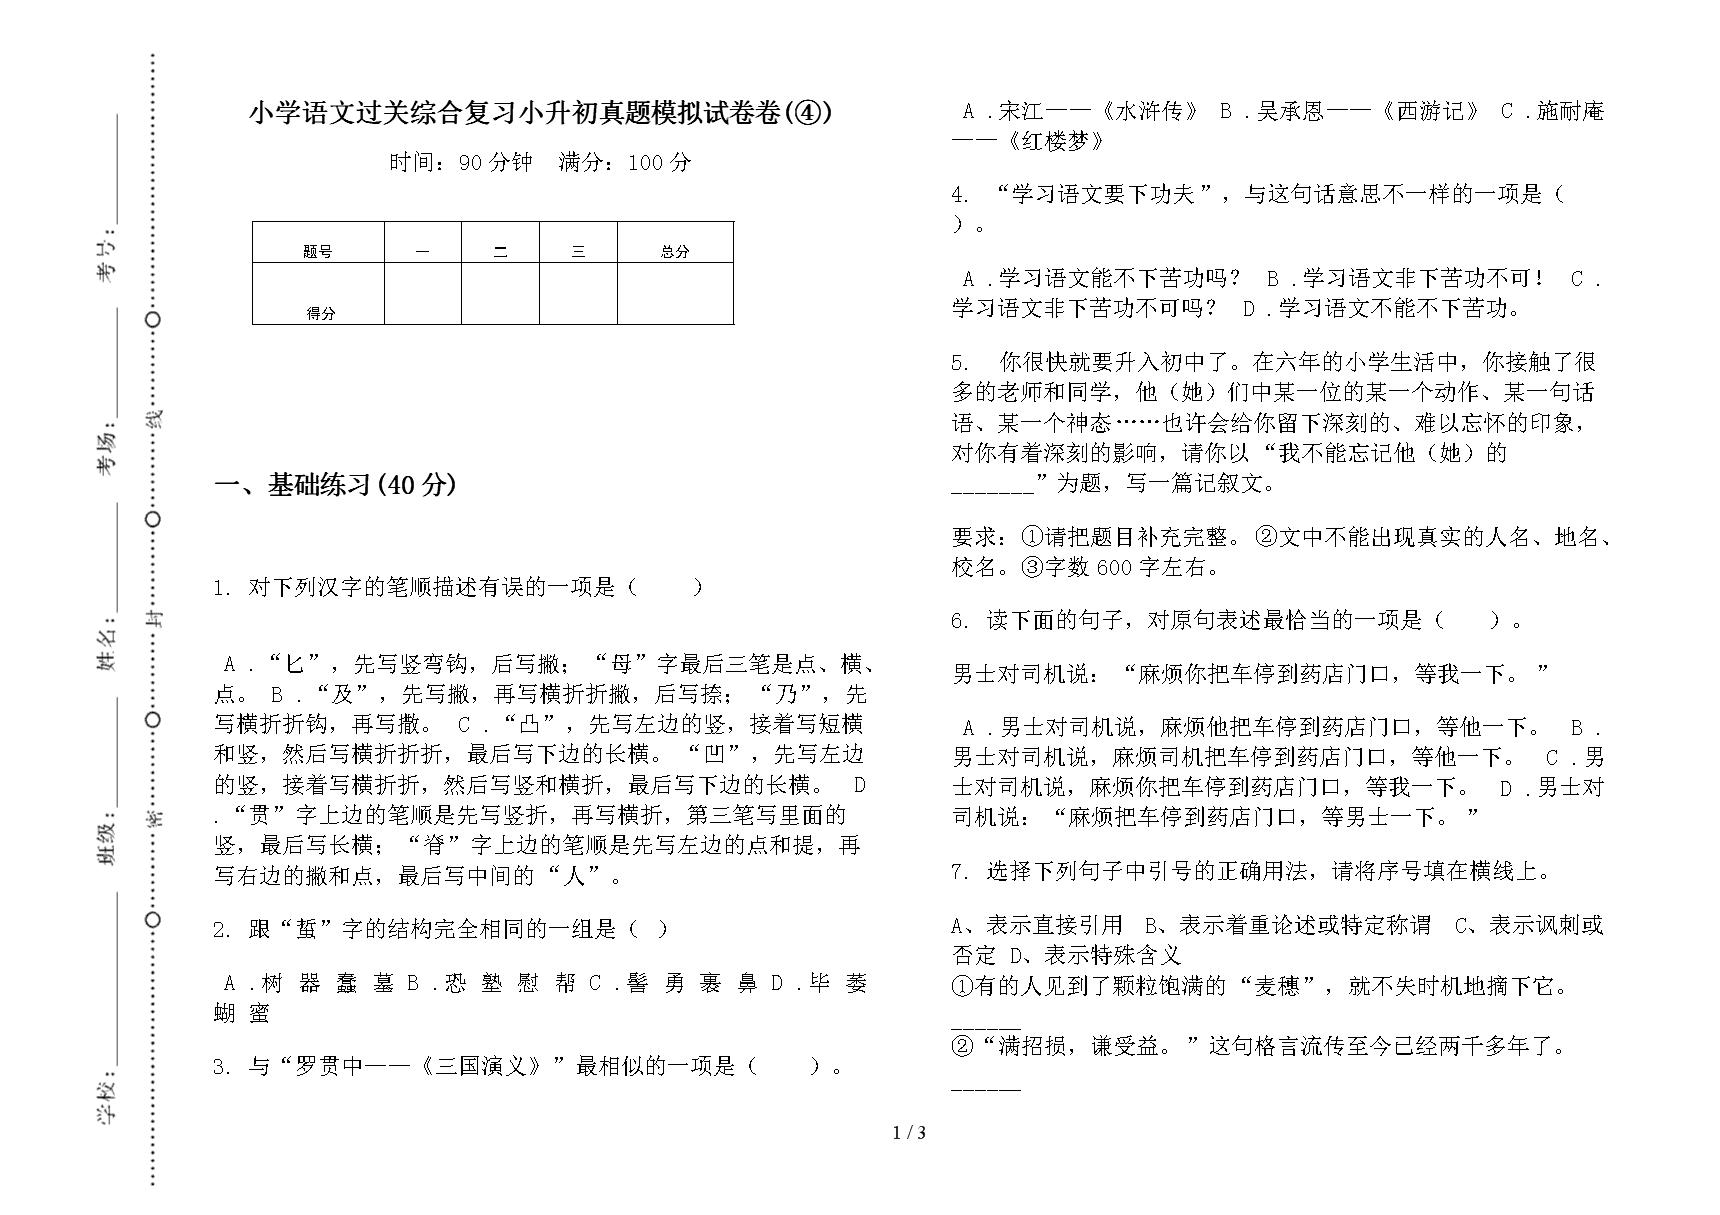 小学语文过关综合复习小升初真题模拟试卷卷(④).docx